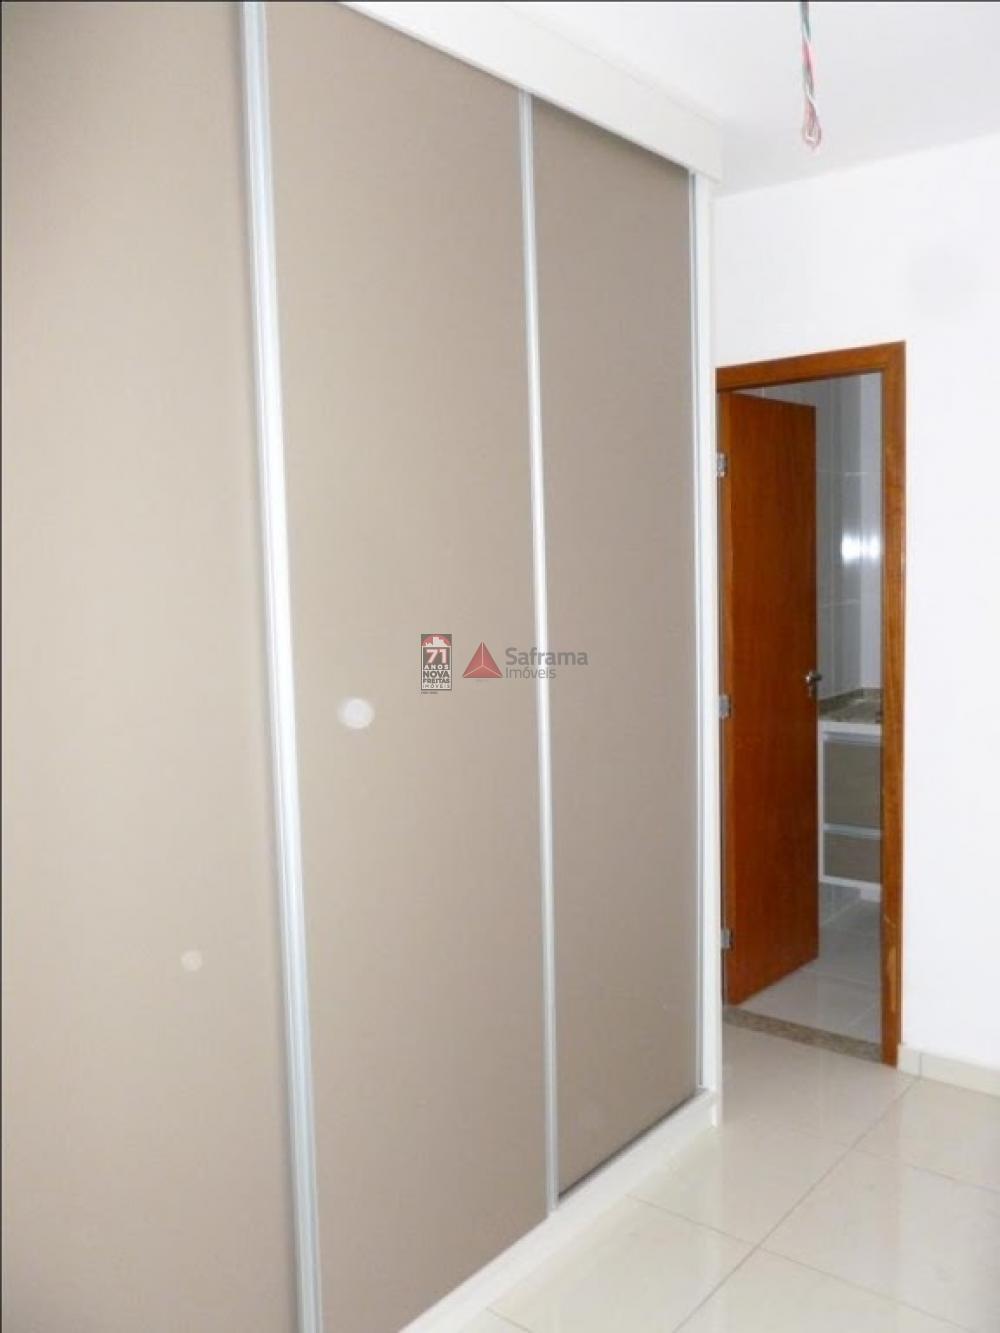 Comprar Apartamento / Padrão em São José dos Campos apenas R$ 484.000,00 - Foto 12